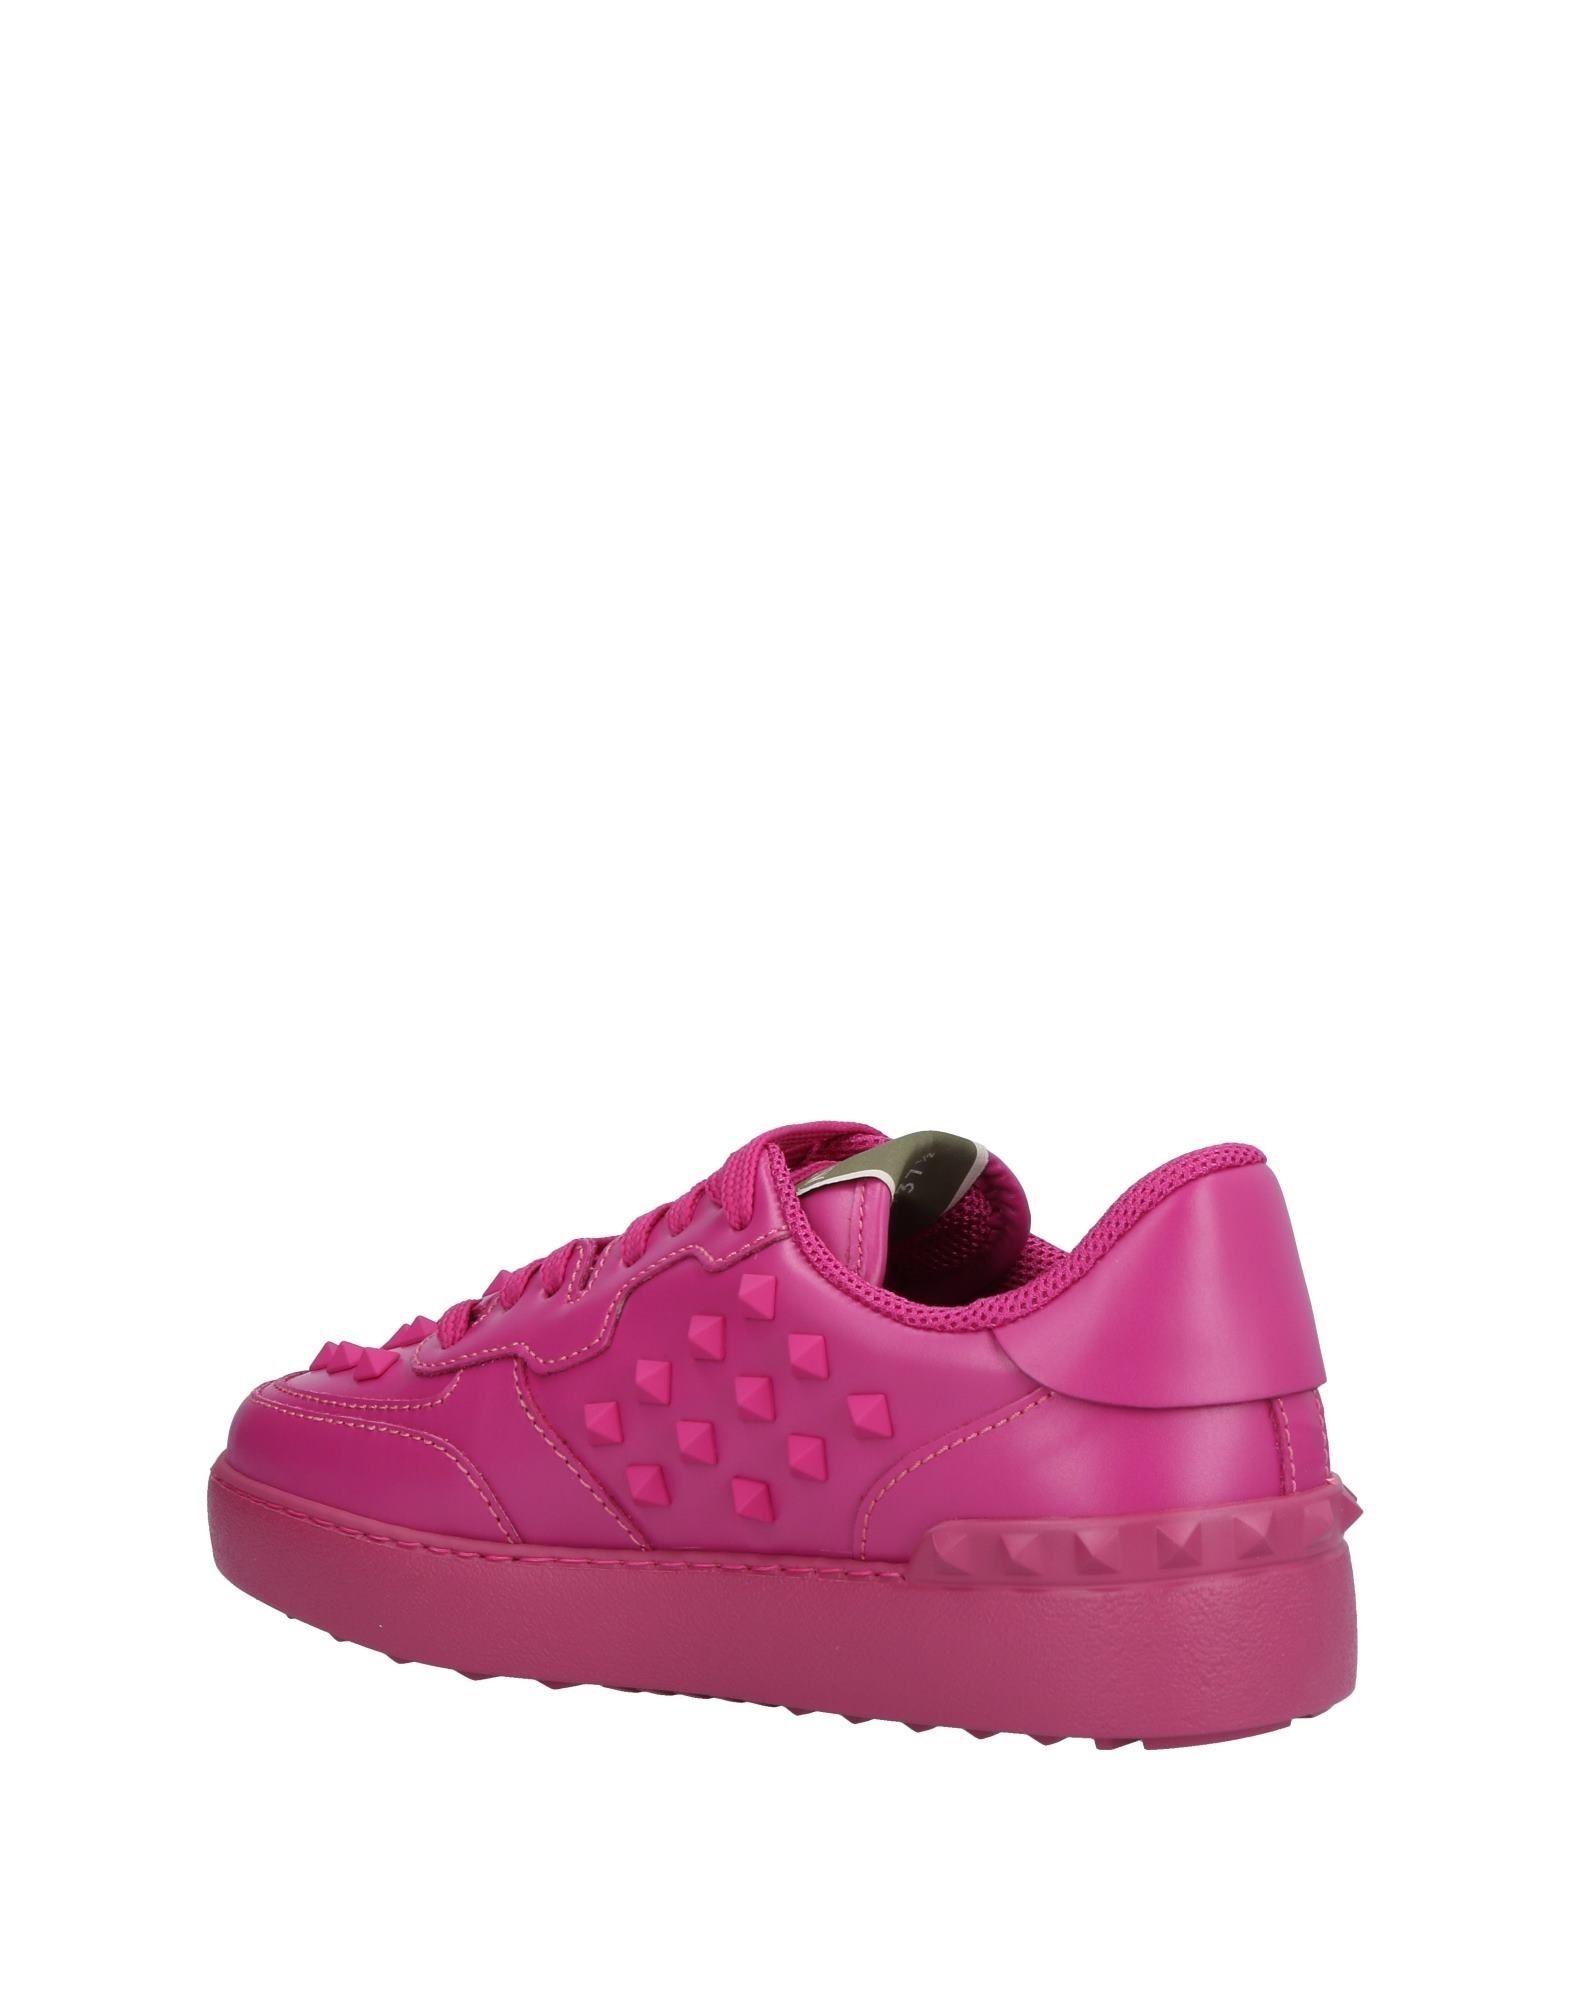 Valentino Garavani Fuchsia Leather Sneakers